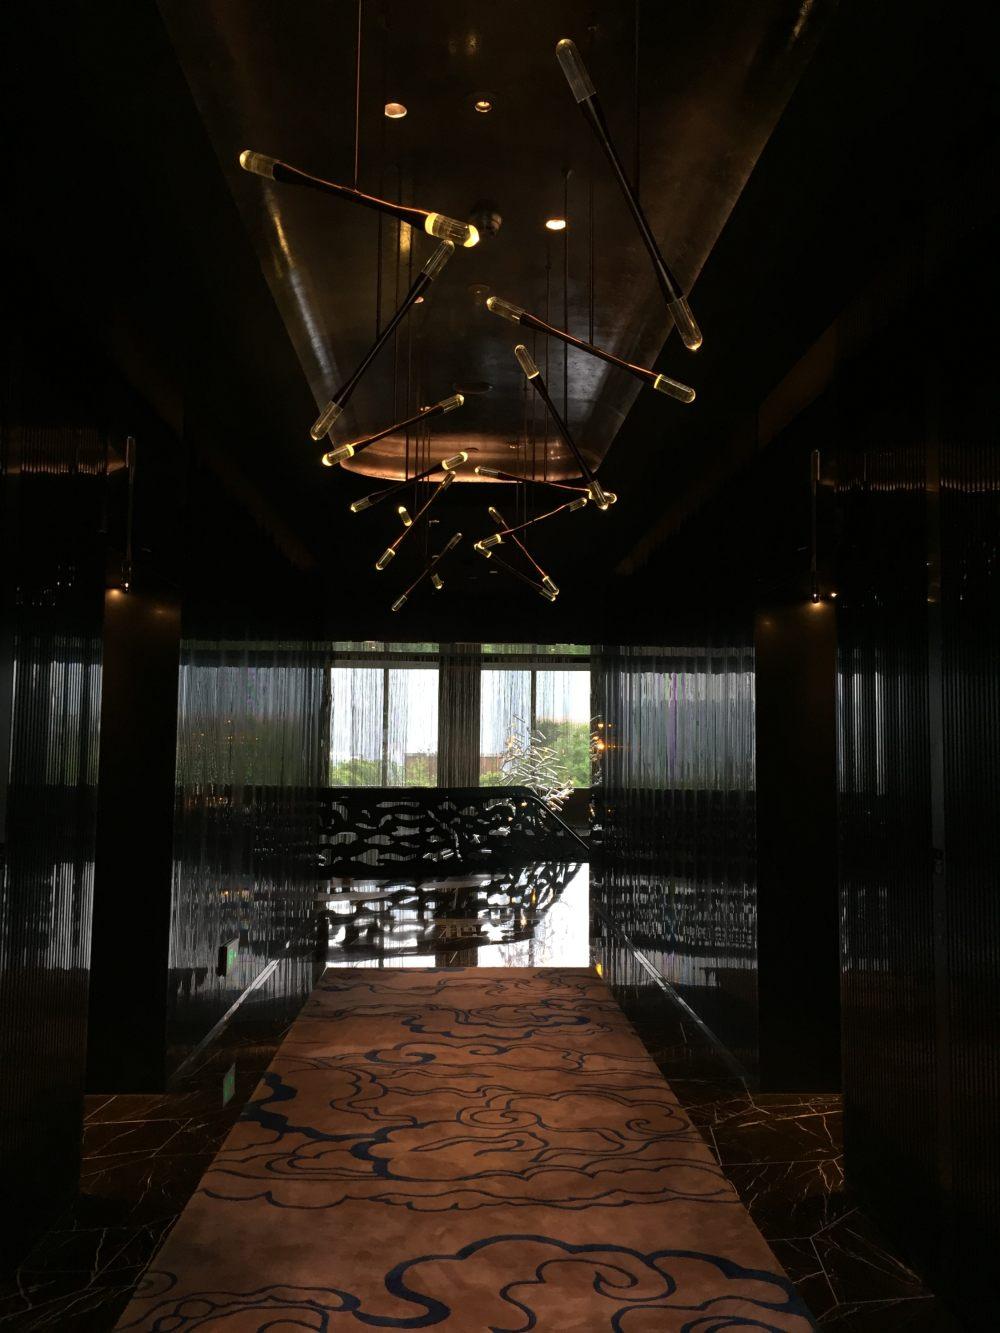 上海外滩W酒店,史上最全入住体验 自拍分享,申请置...._IMG_6243.JPG